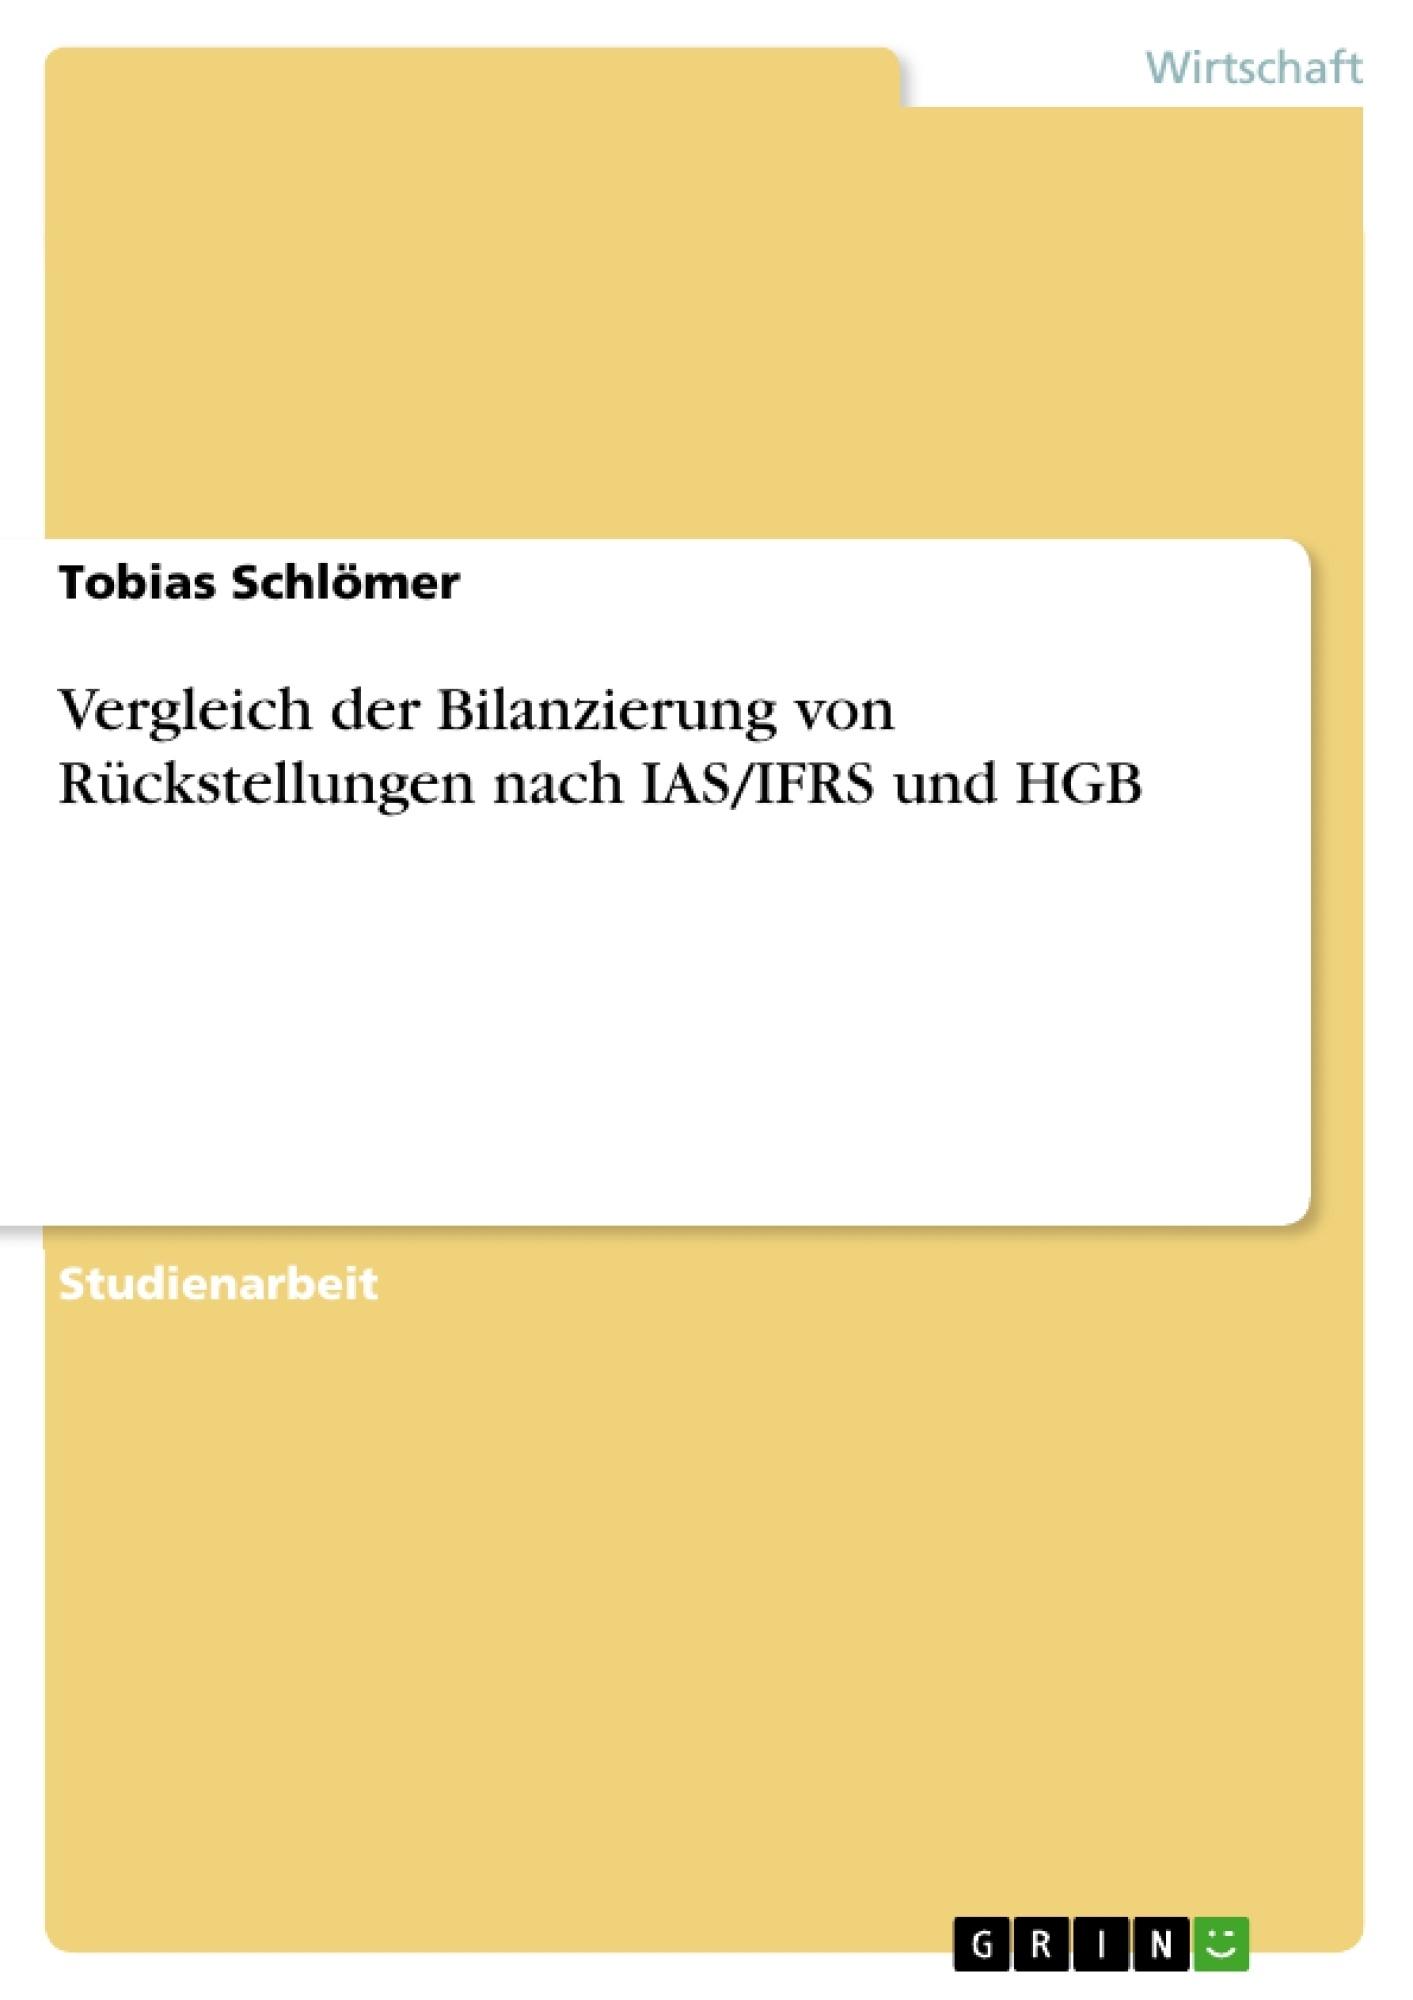 Titel: Vergleich der Bilanzierung von Rückstellungen nach IAS/IFRS und HGB